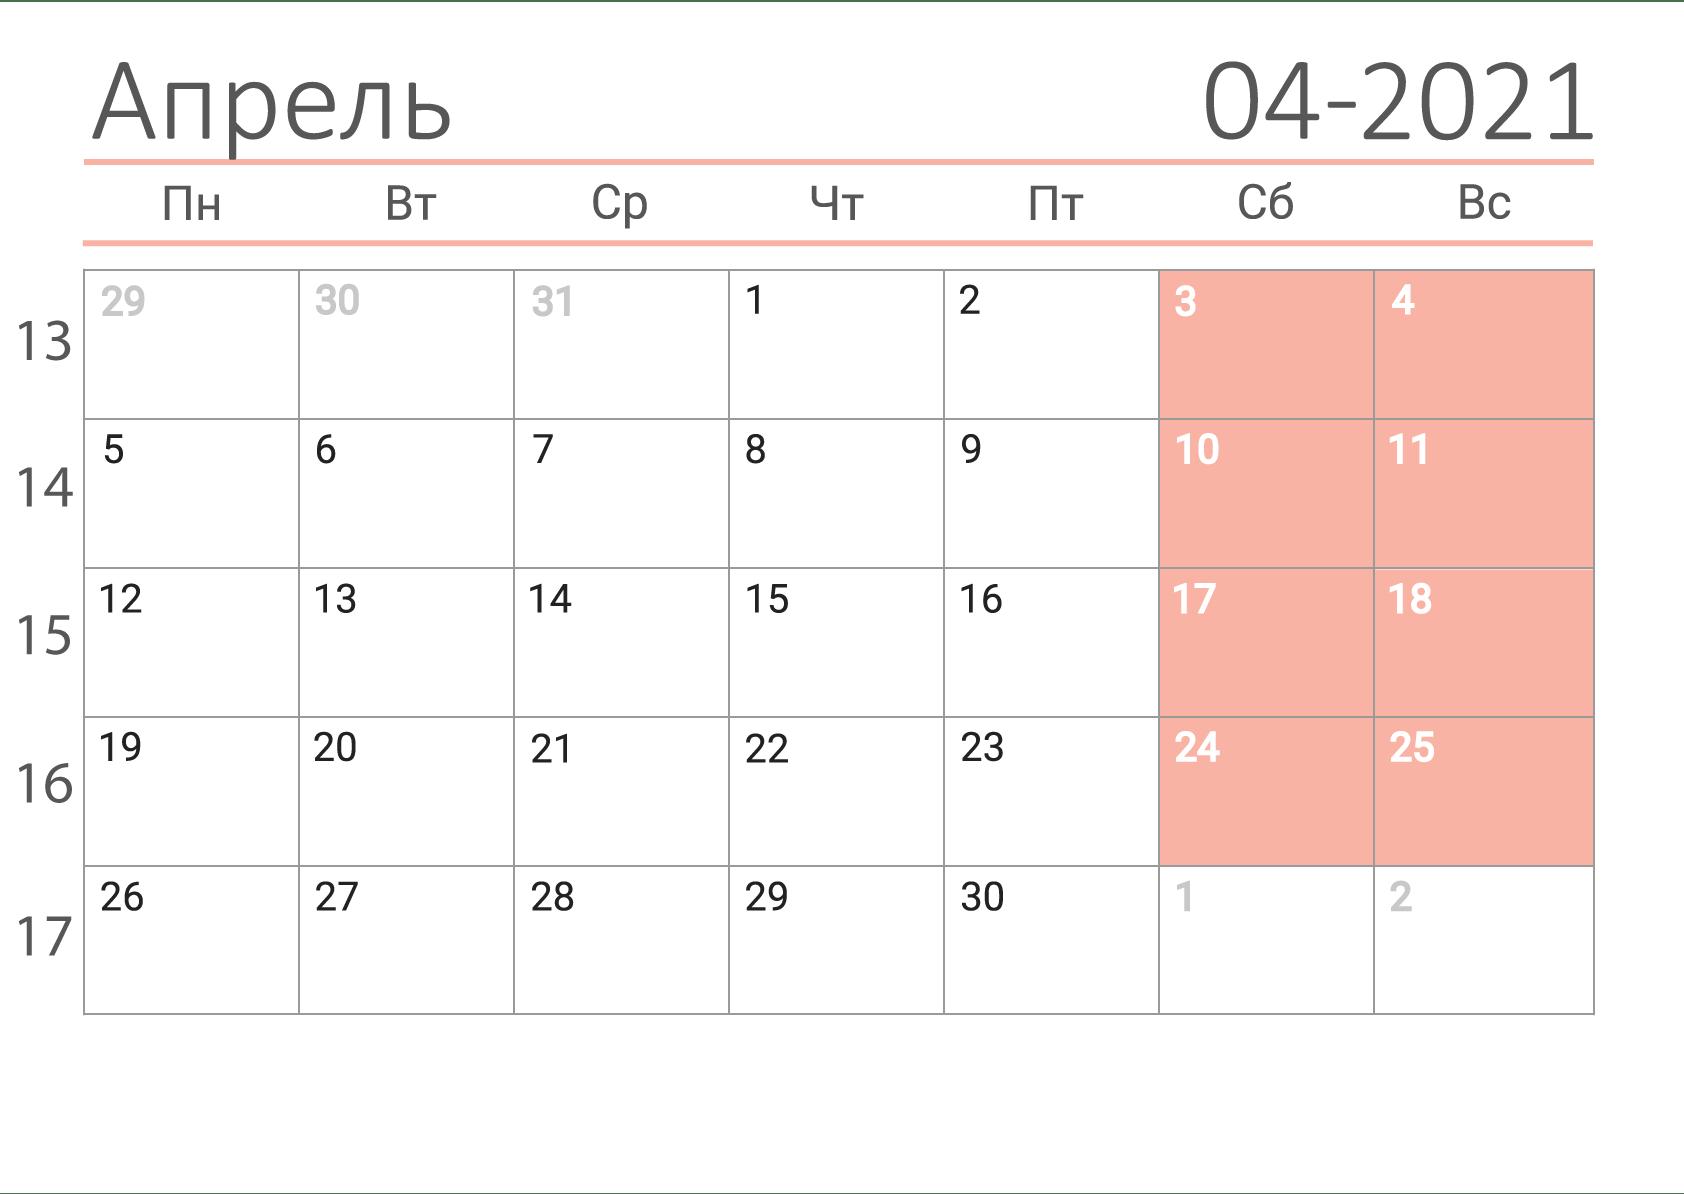 Апрель 2021 - Календарь-сетка